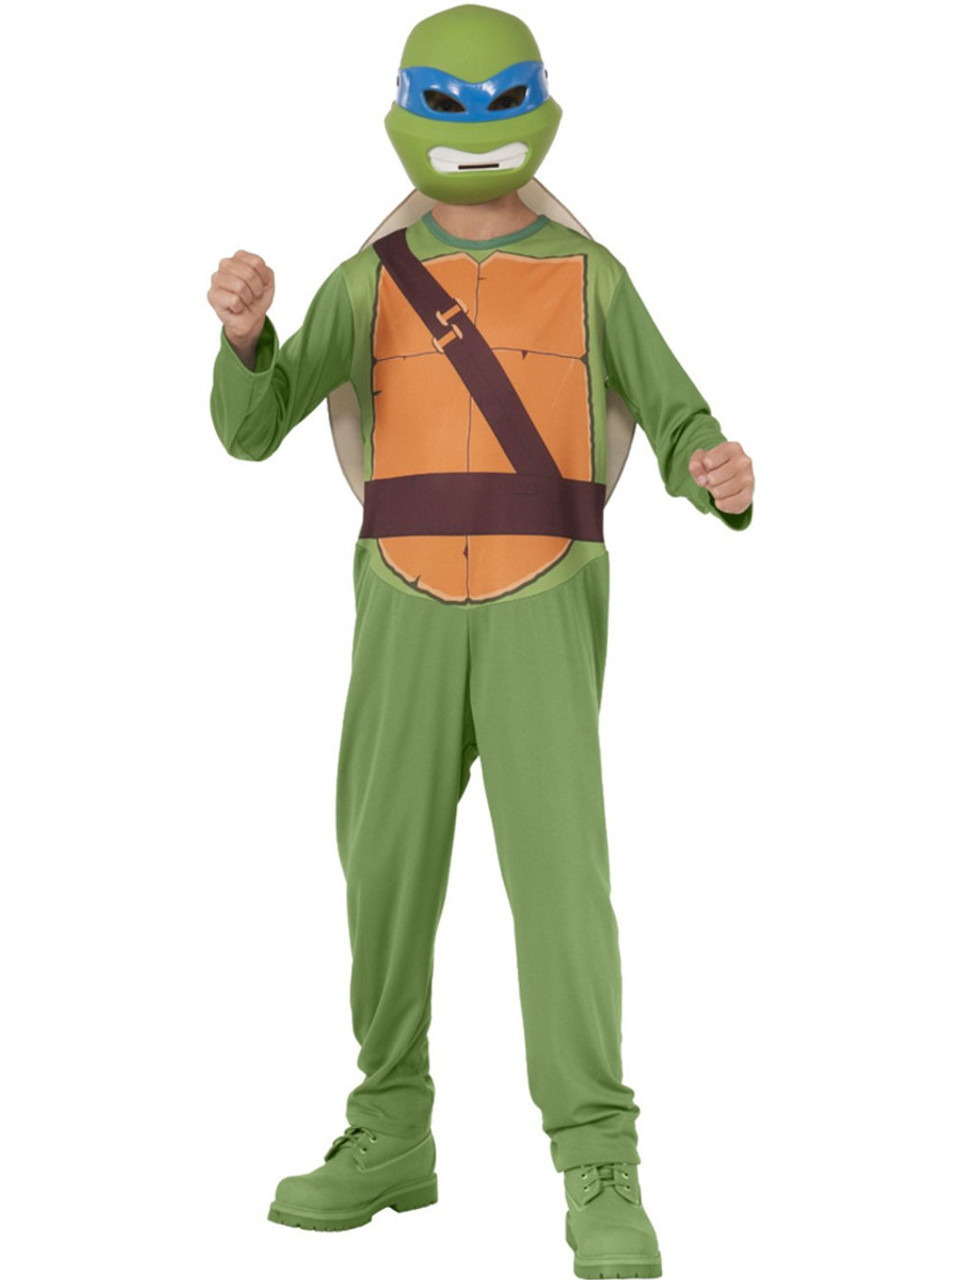 Teenage Mutant Ninja Turtles Leonardo Action Blister Pack Kids